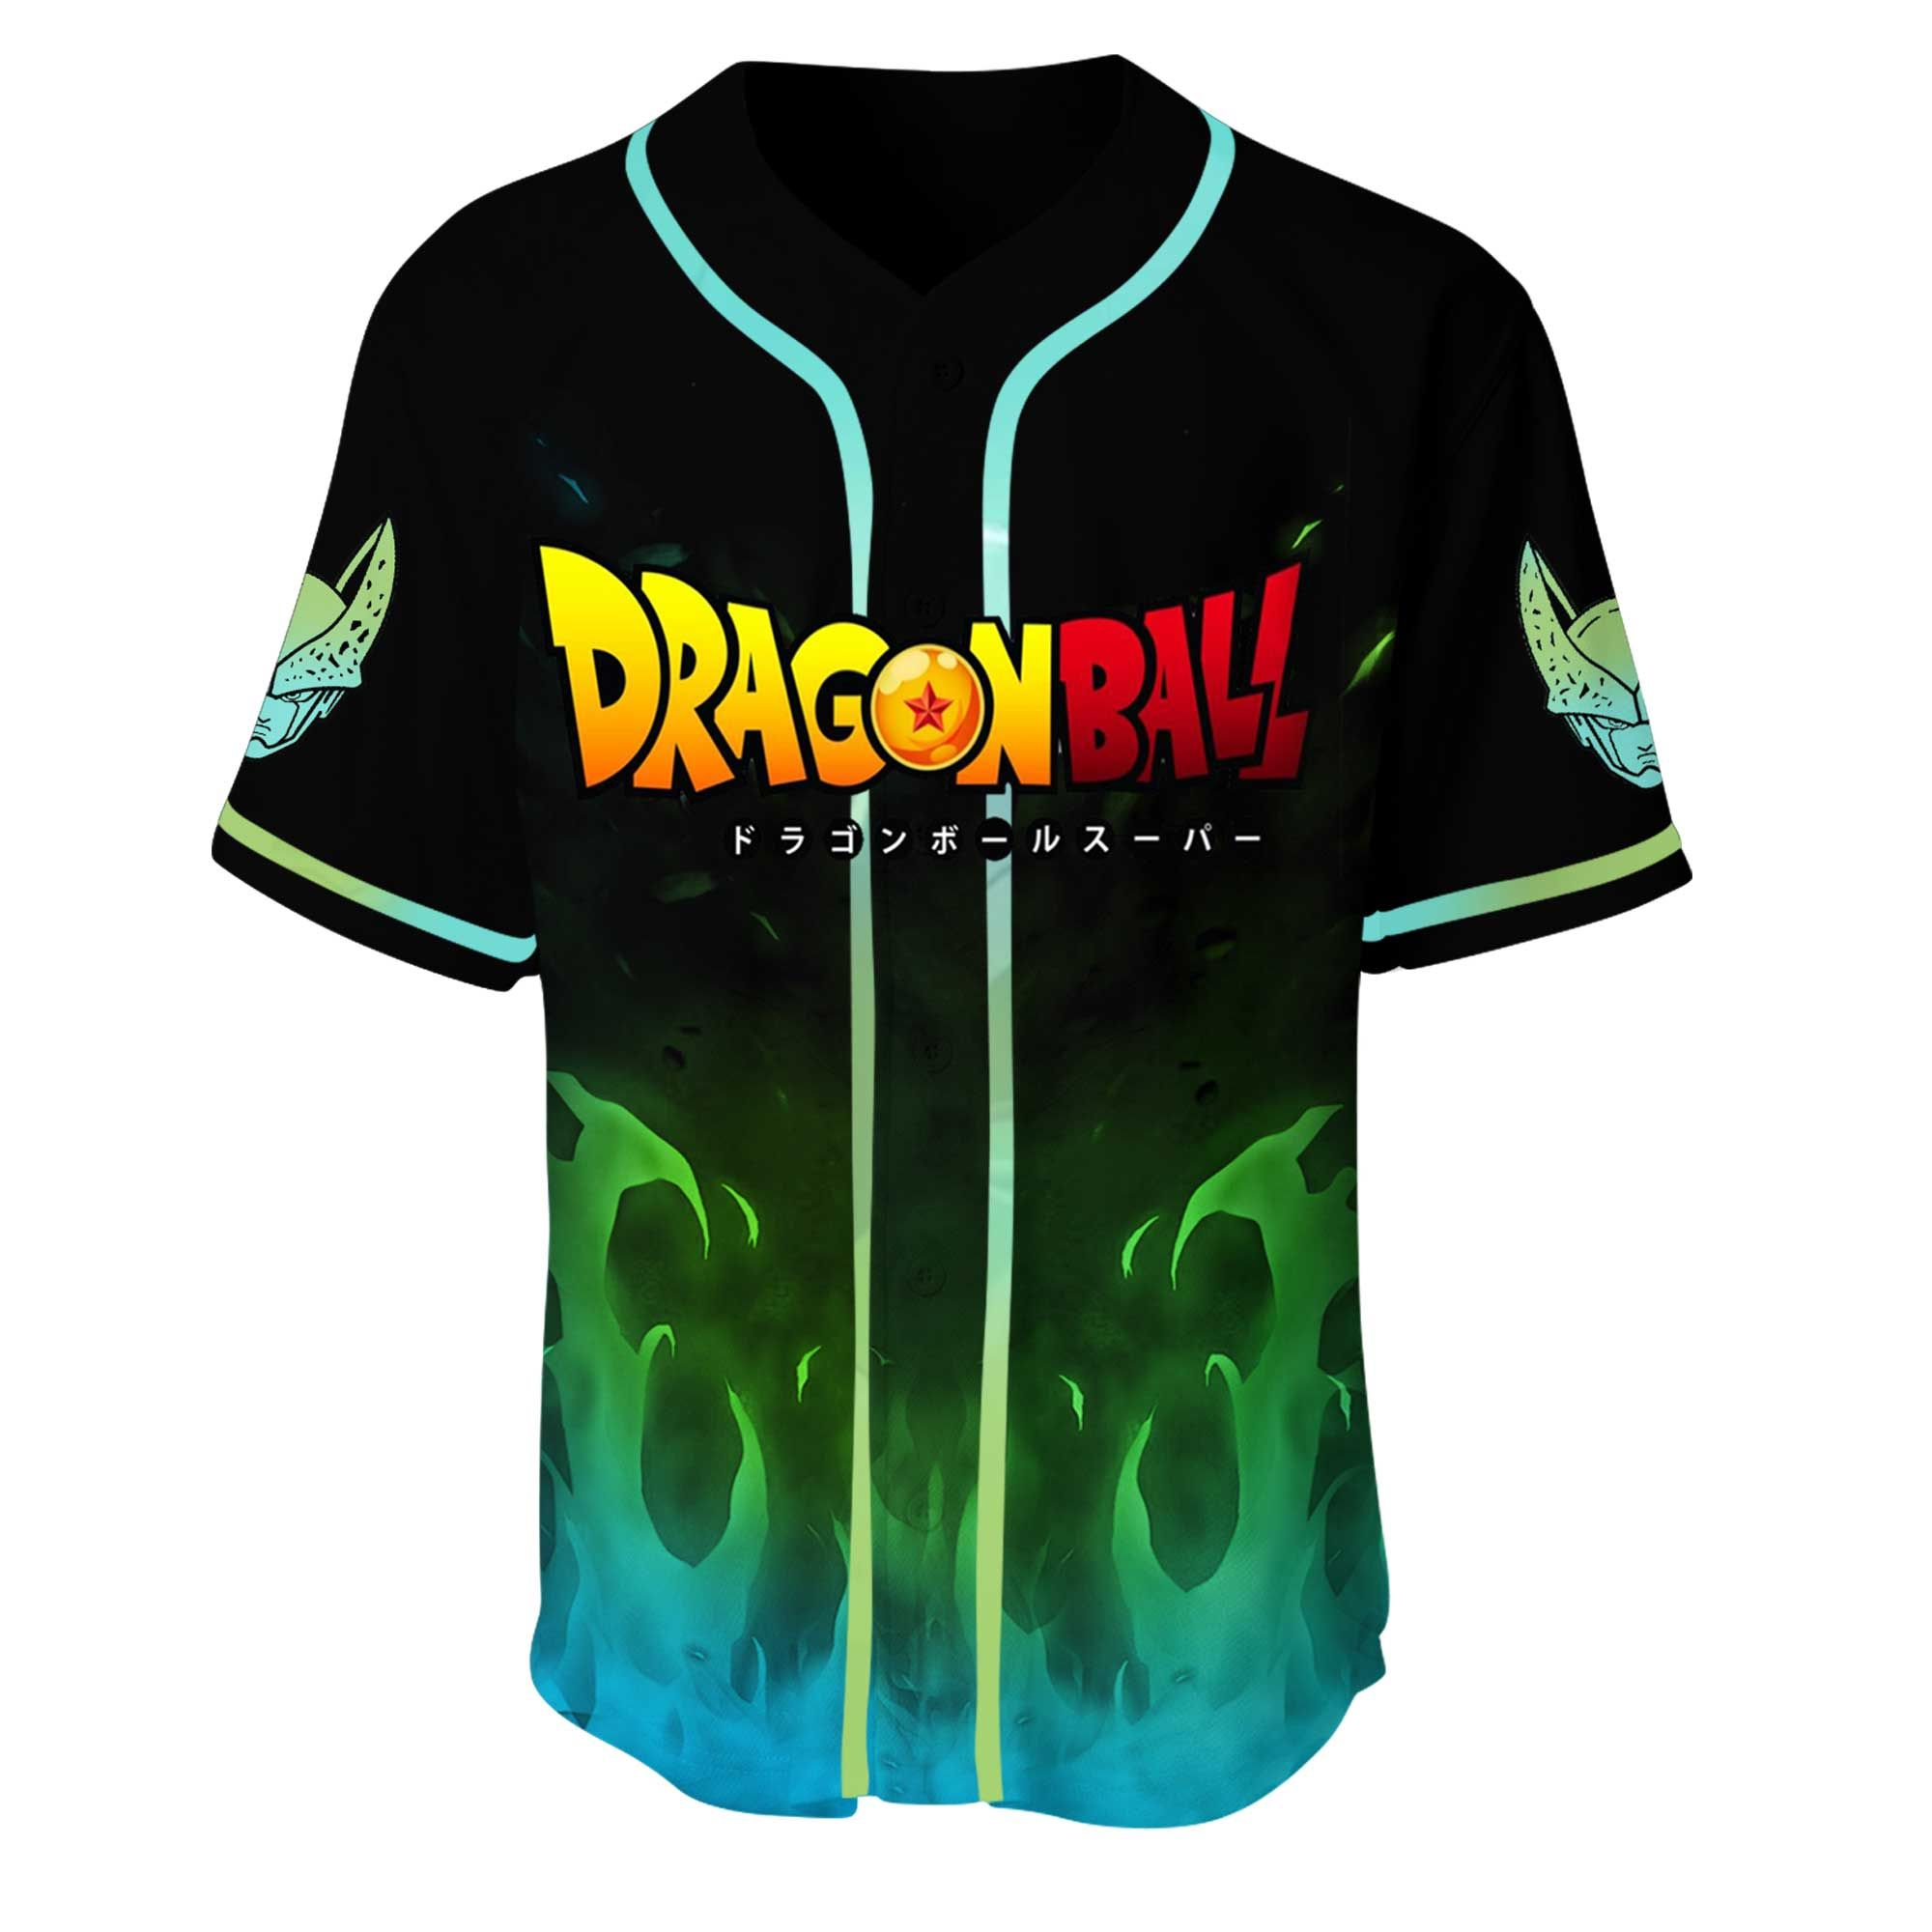 Dragon Ball Cell Baseball Jersey Shirt